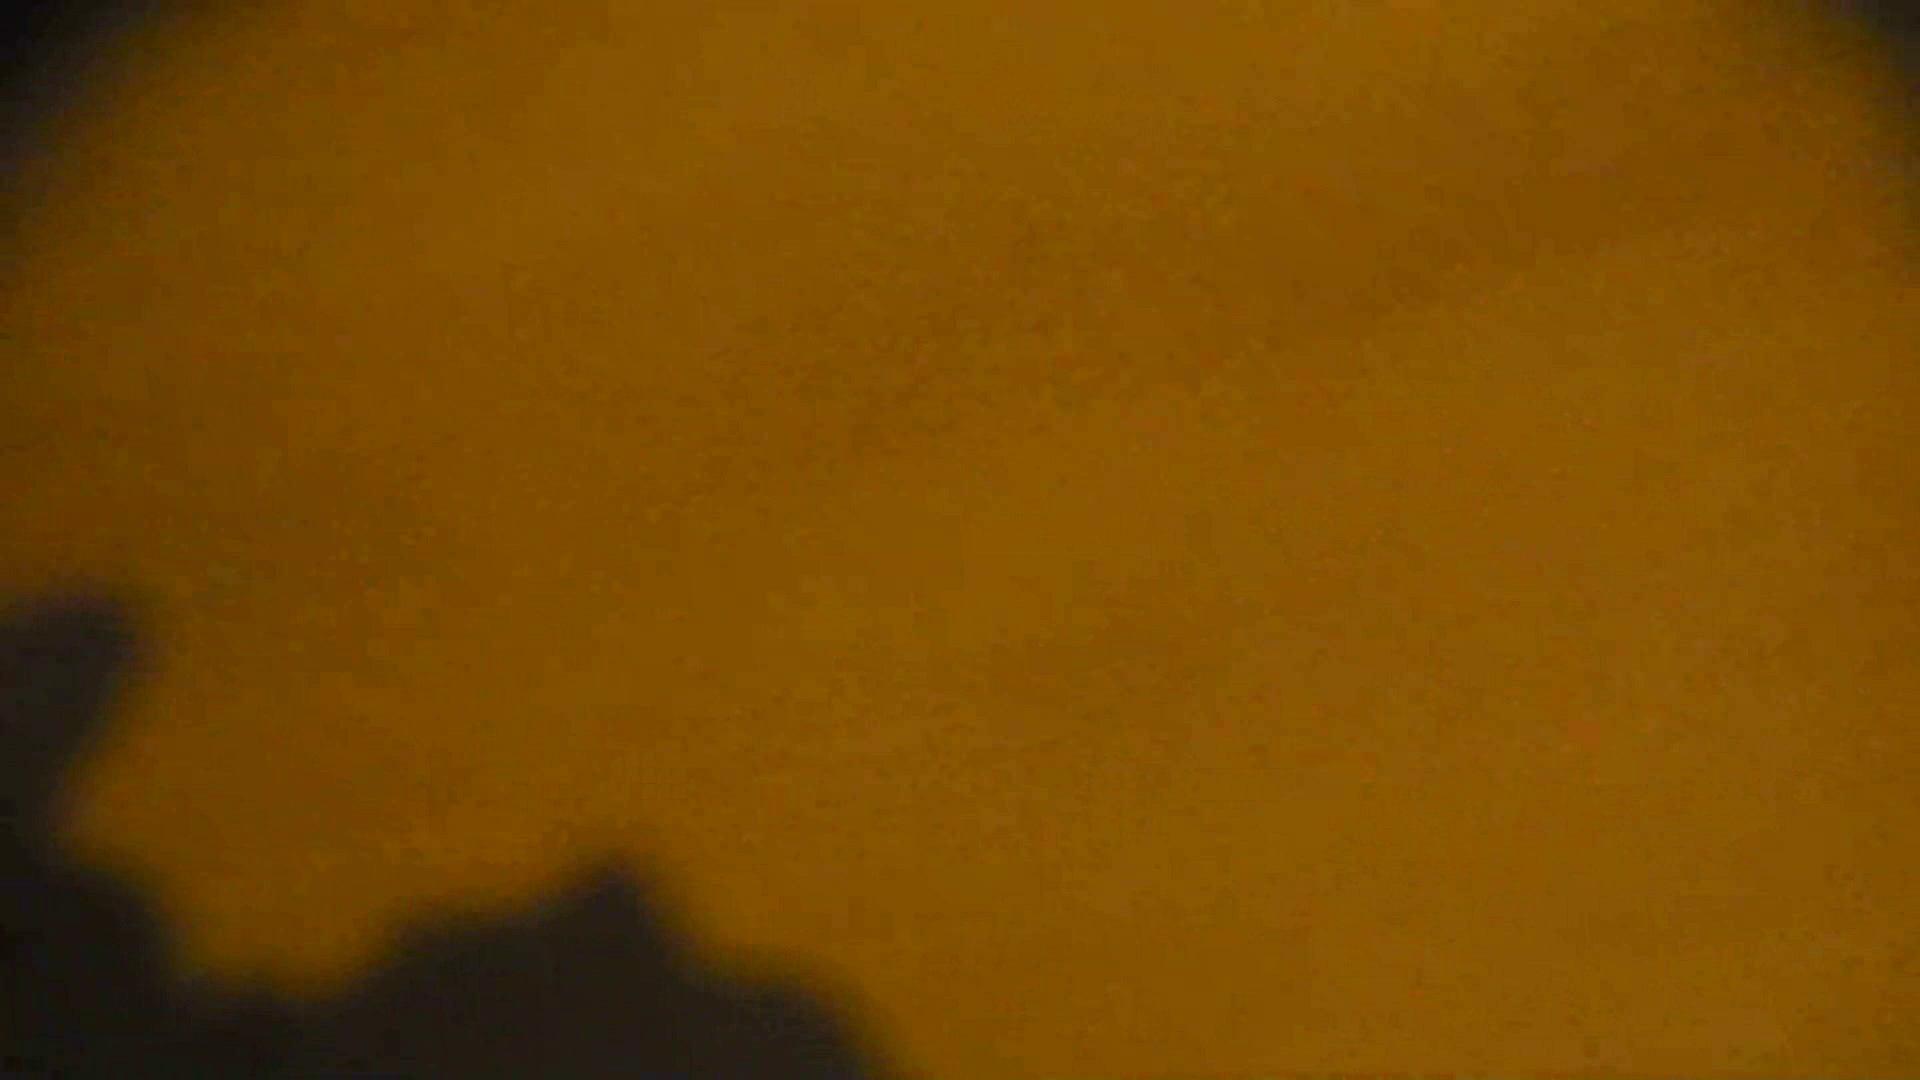 阿国ちゃんの「和式洋式七変化」No.14 ギャル達 戯れ無修正画像 75枚 44